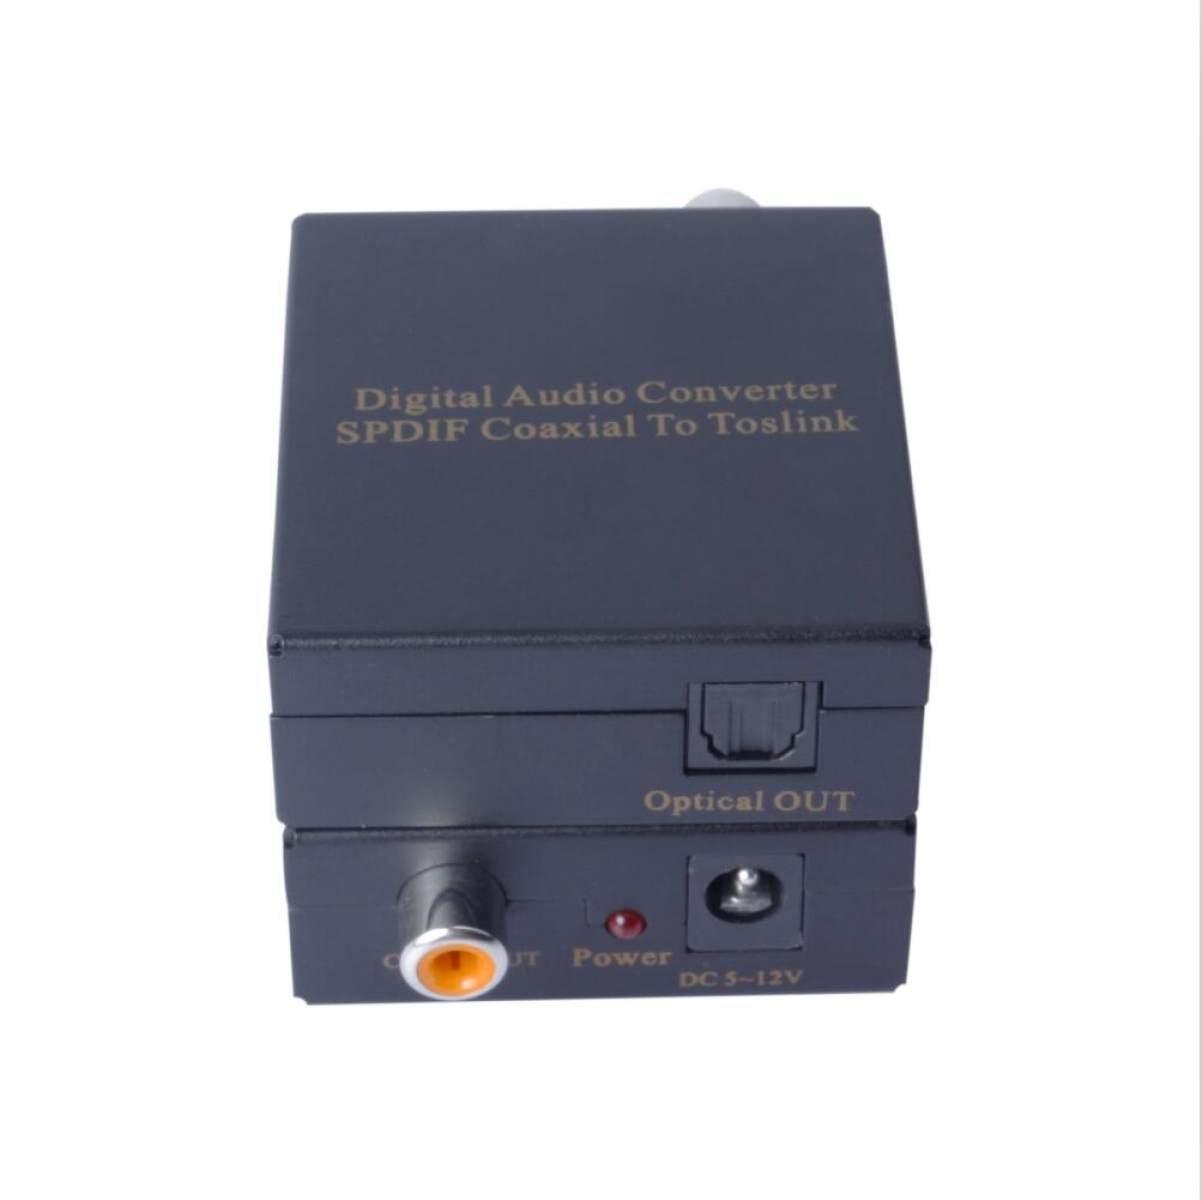 WenL Digital Audio Converter SPDIF / Toslink A Coaxial Apoya 5.1 DTS PCM,Black1: Amazon.es: Deportes y aire libre